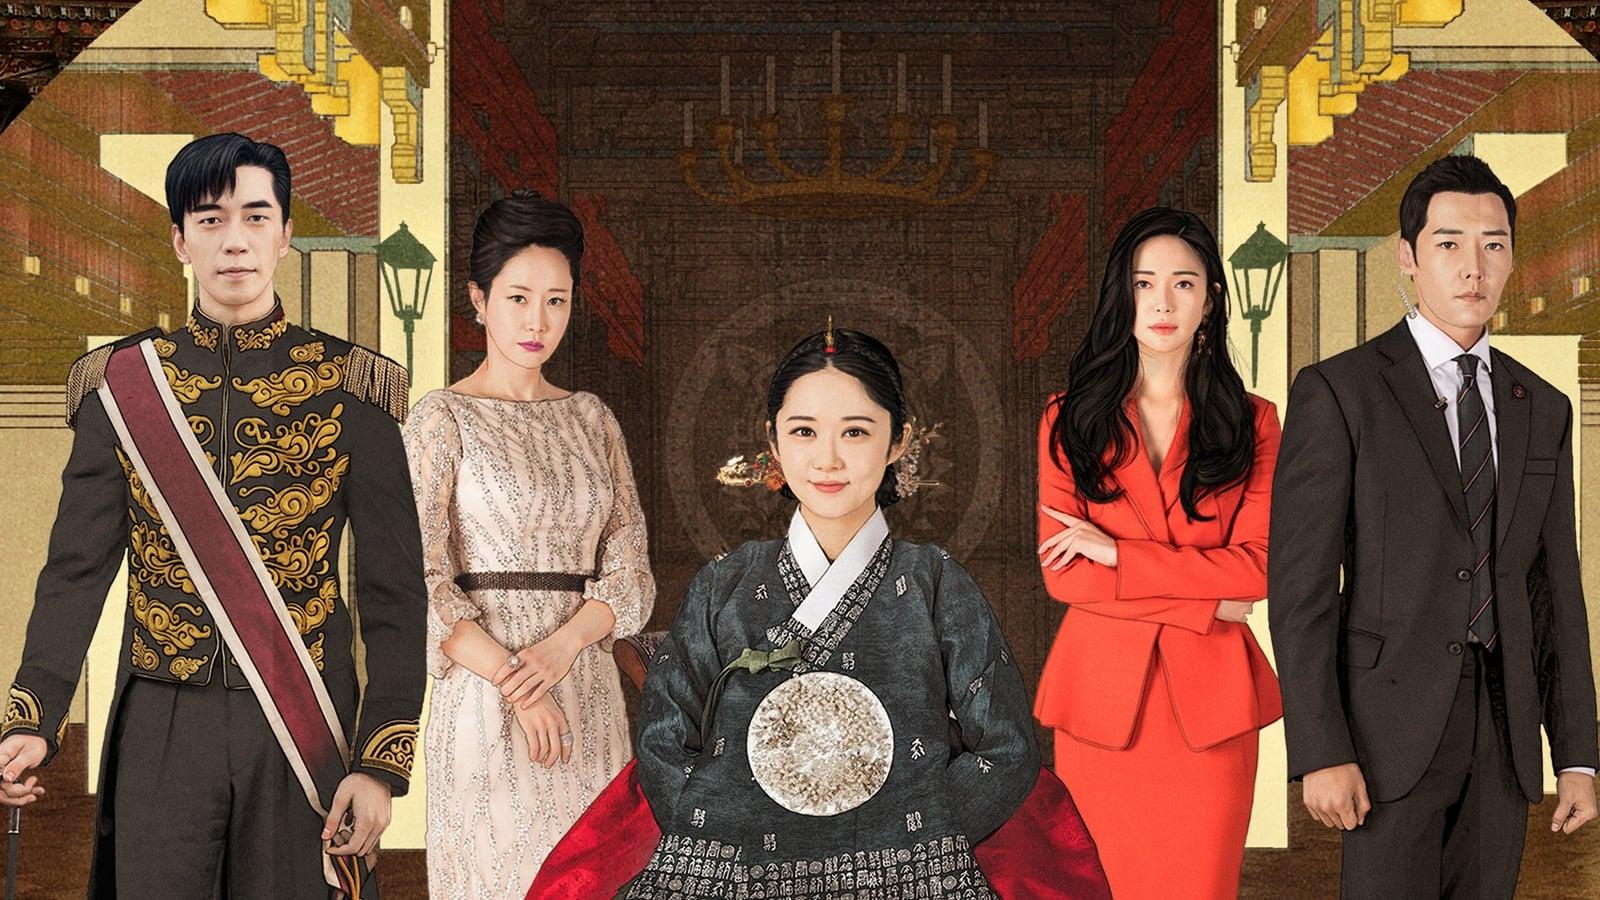 Hoàng Hậu Cuối Cùng - The Last Empress | Razorphim